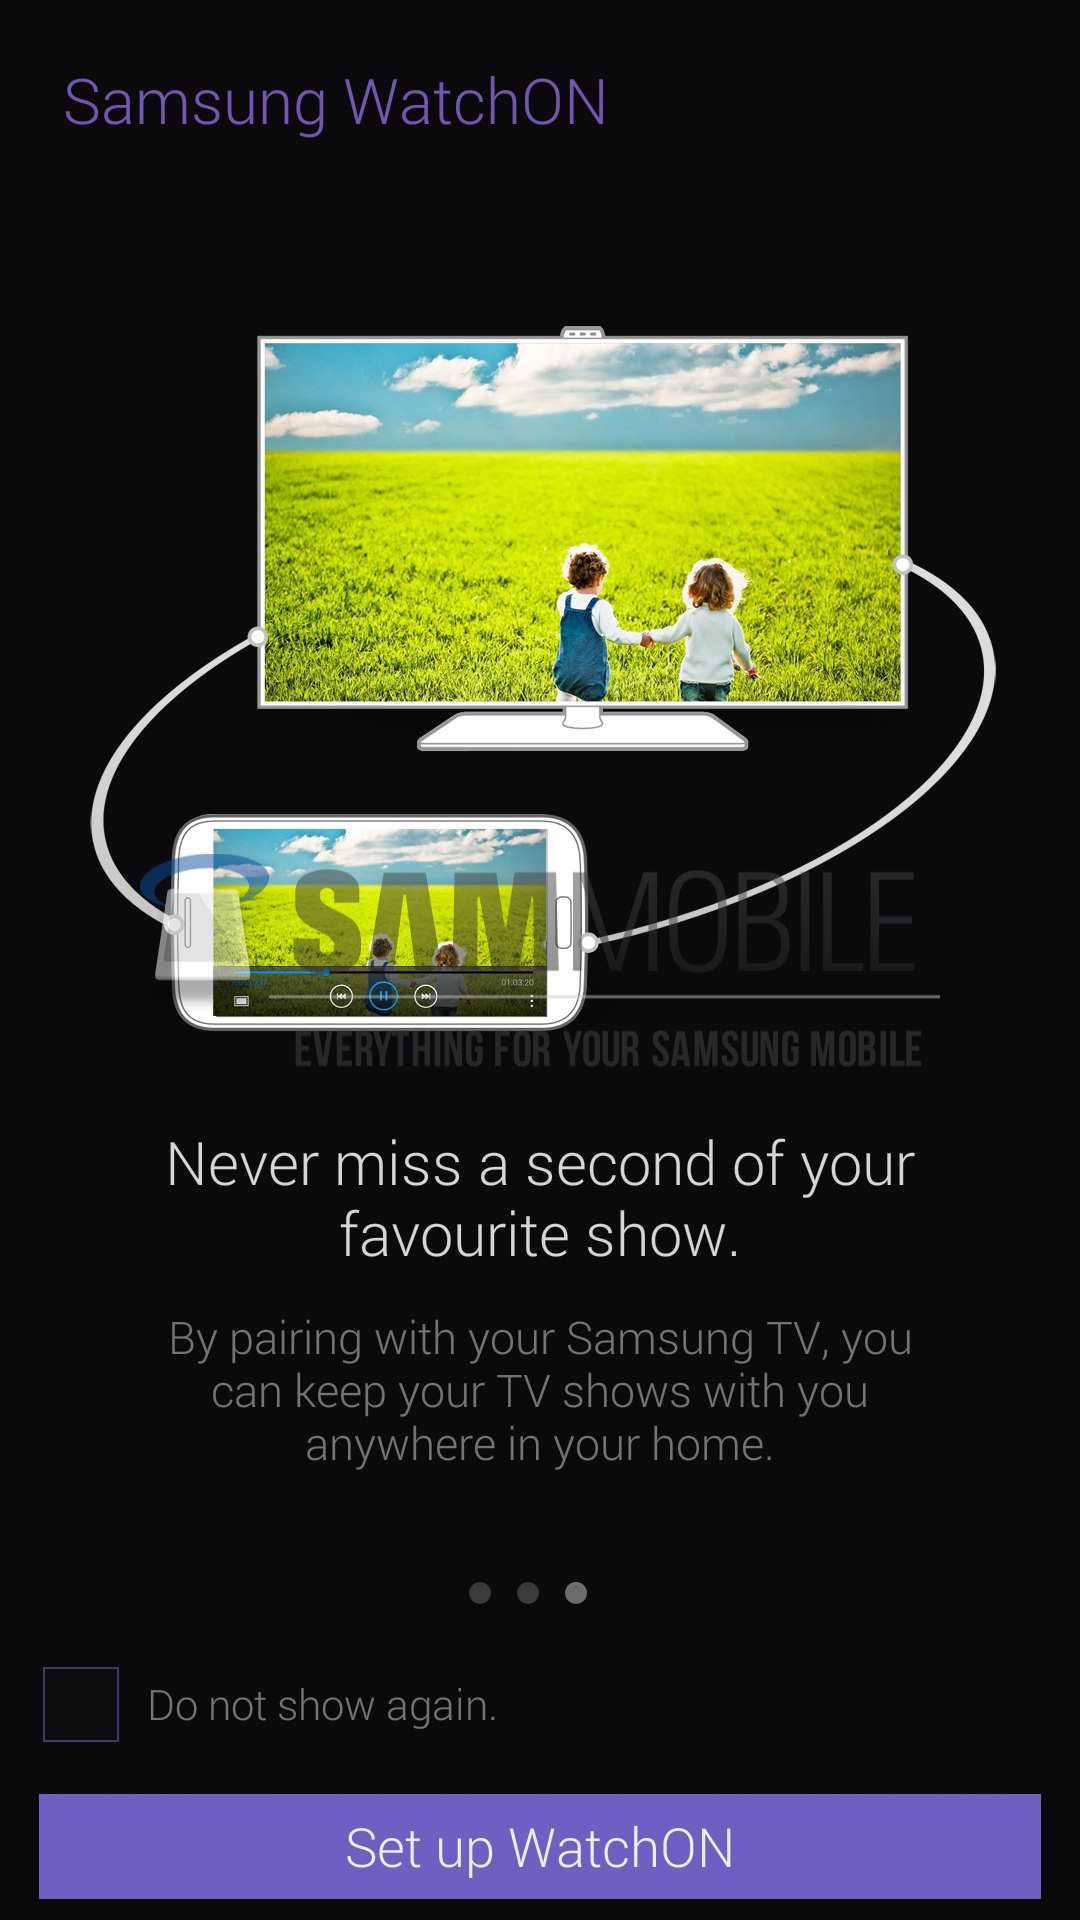 Nuova interfaccia per Samsung WatchON